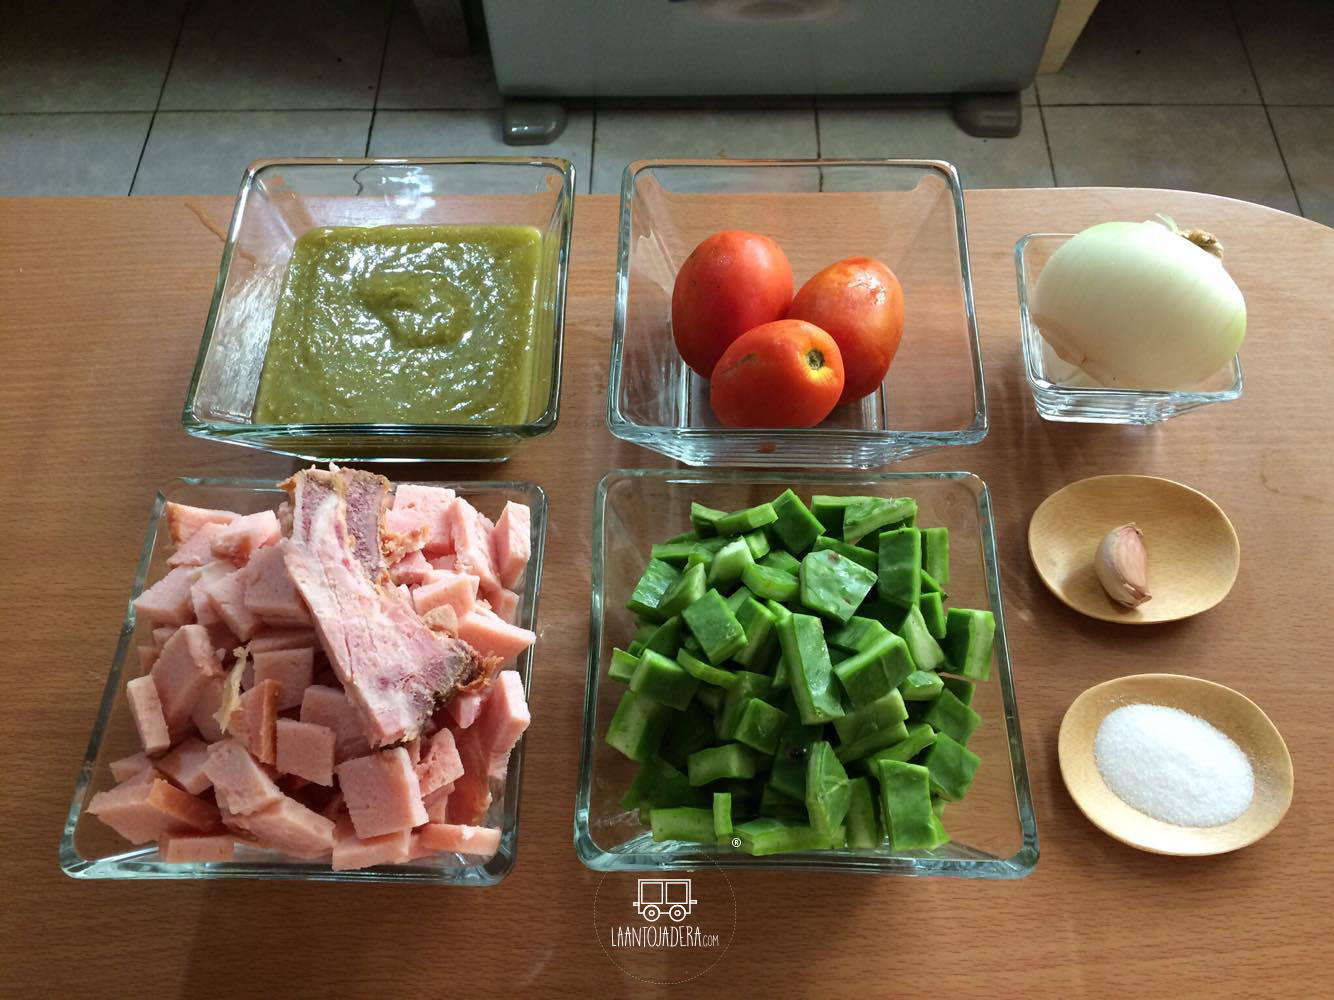 La Antojadera | Chuleta Ahumada con Nopales en Salsa Verde